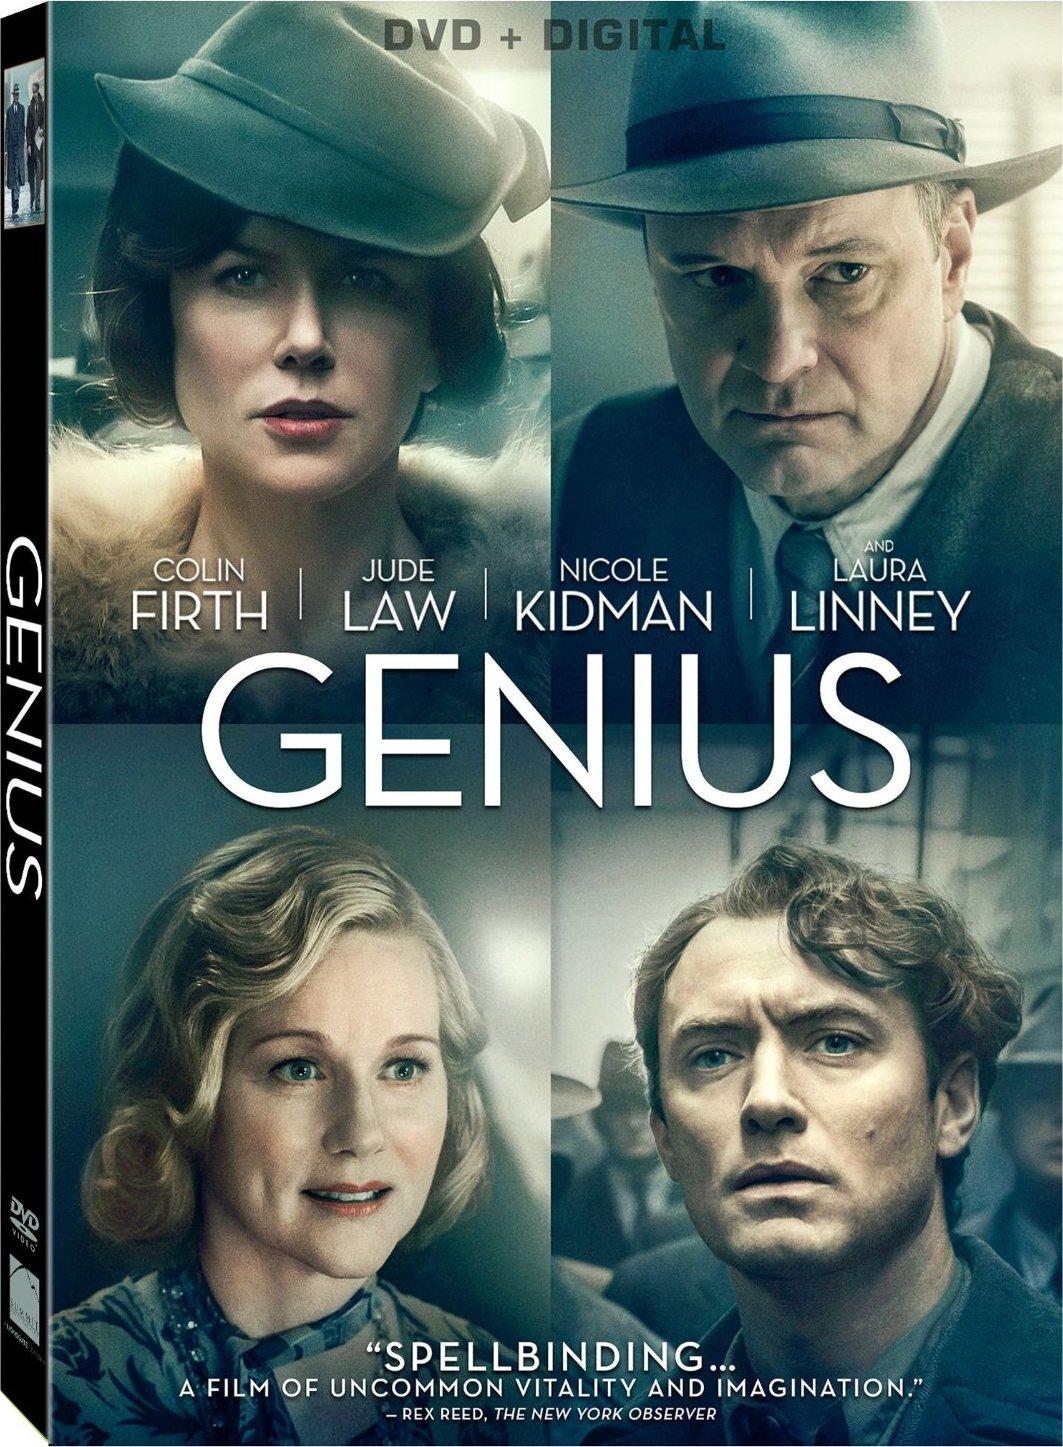 Genius (2016) poster image